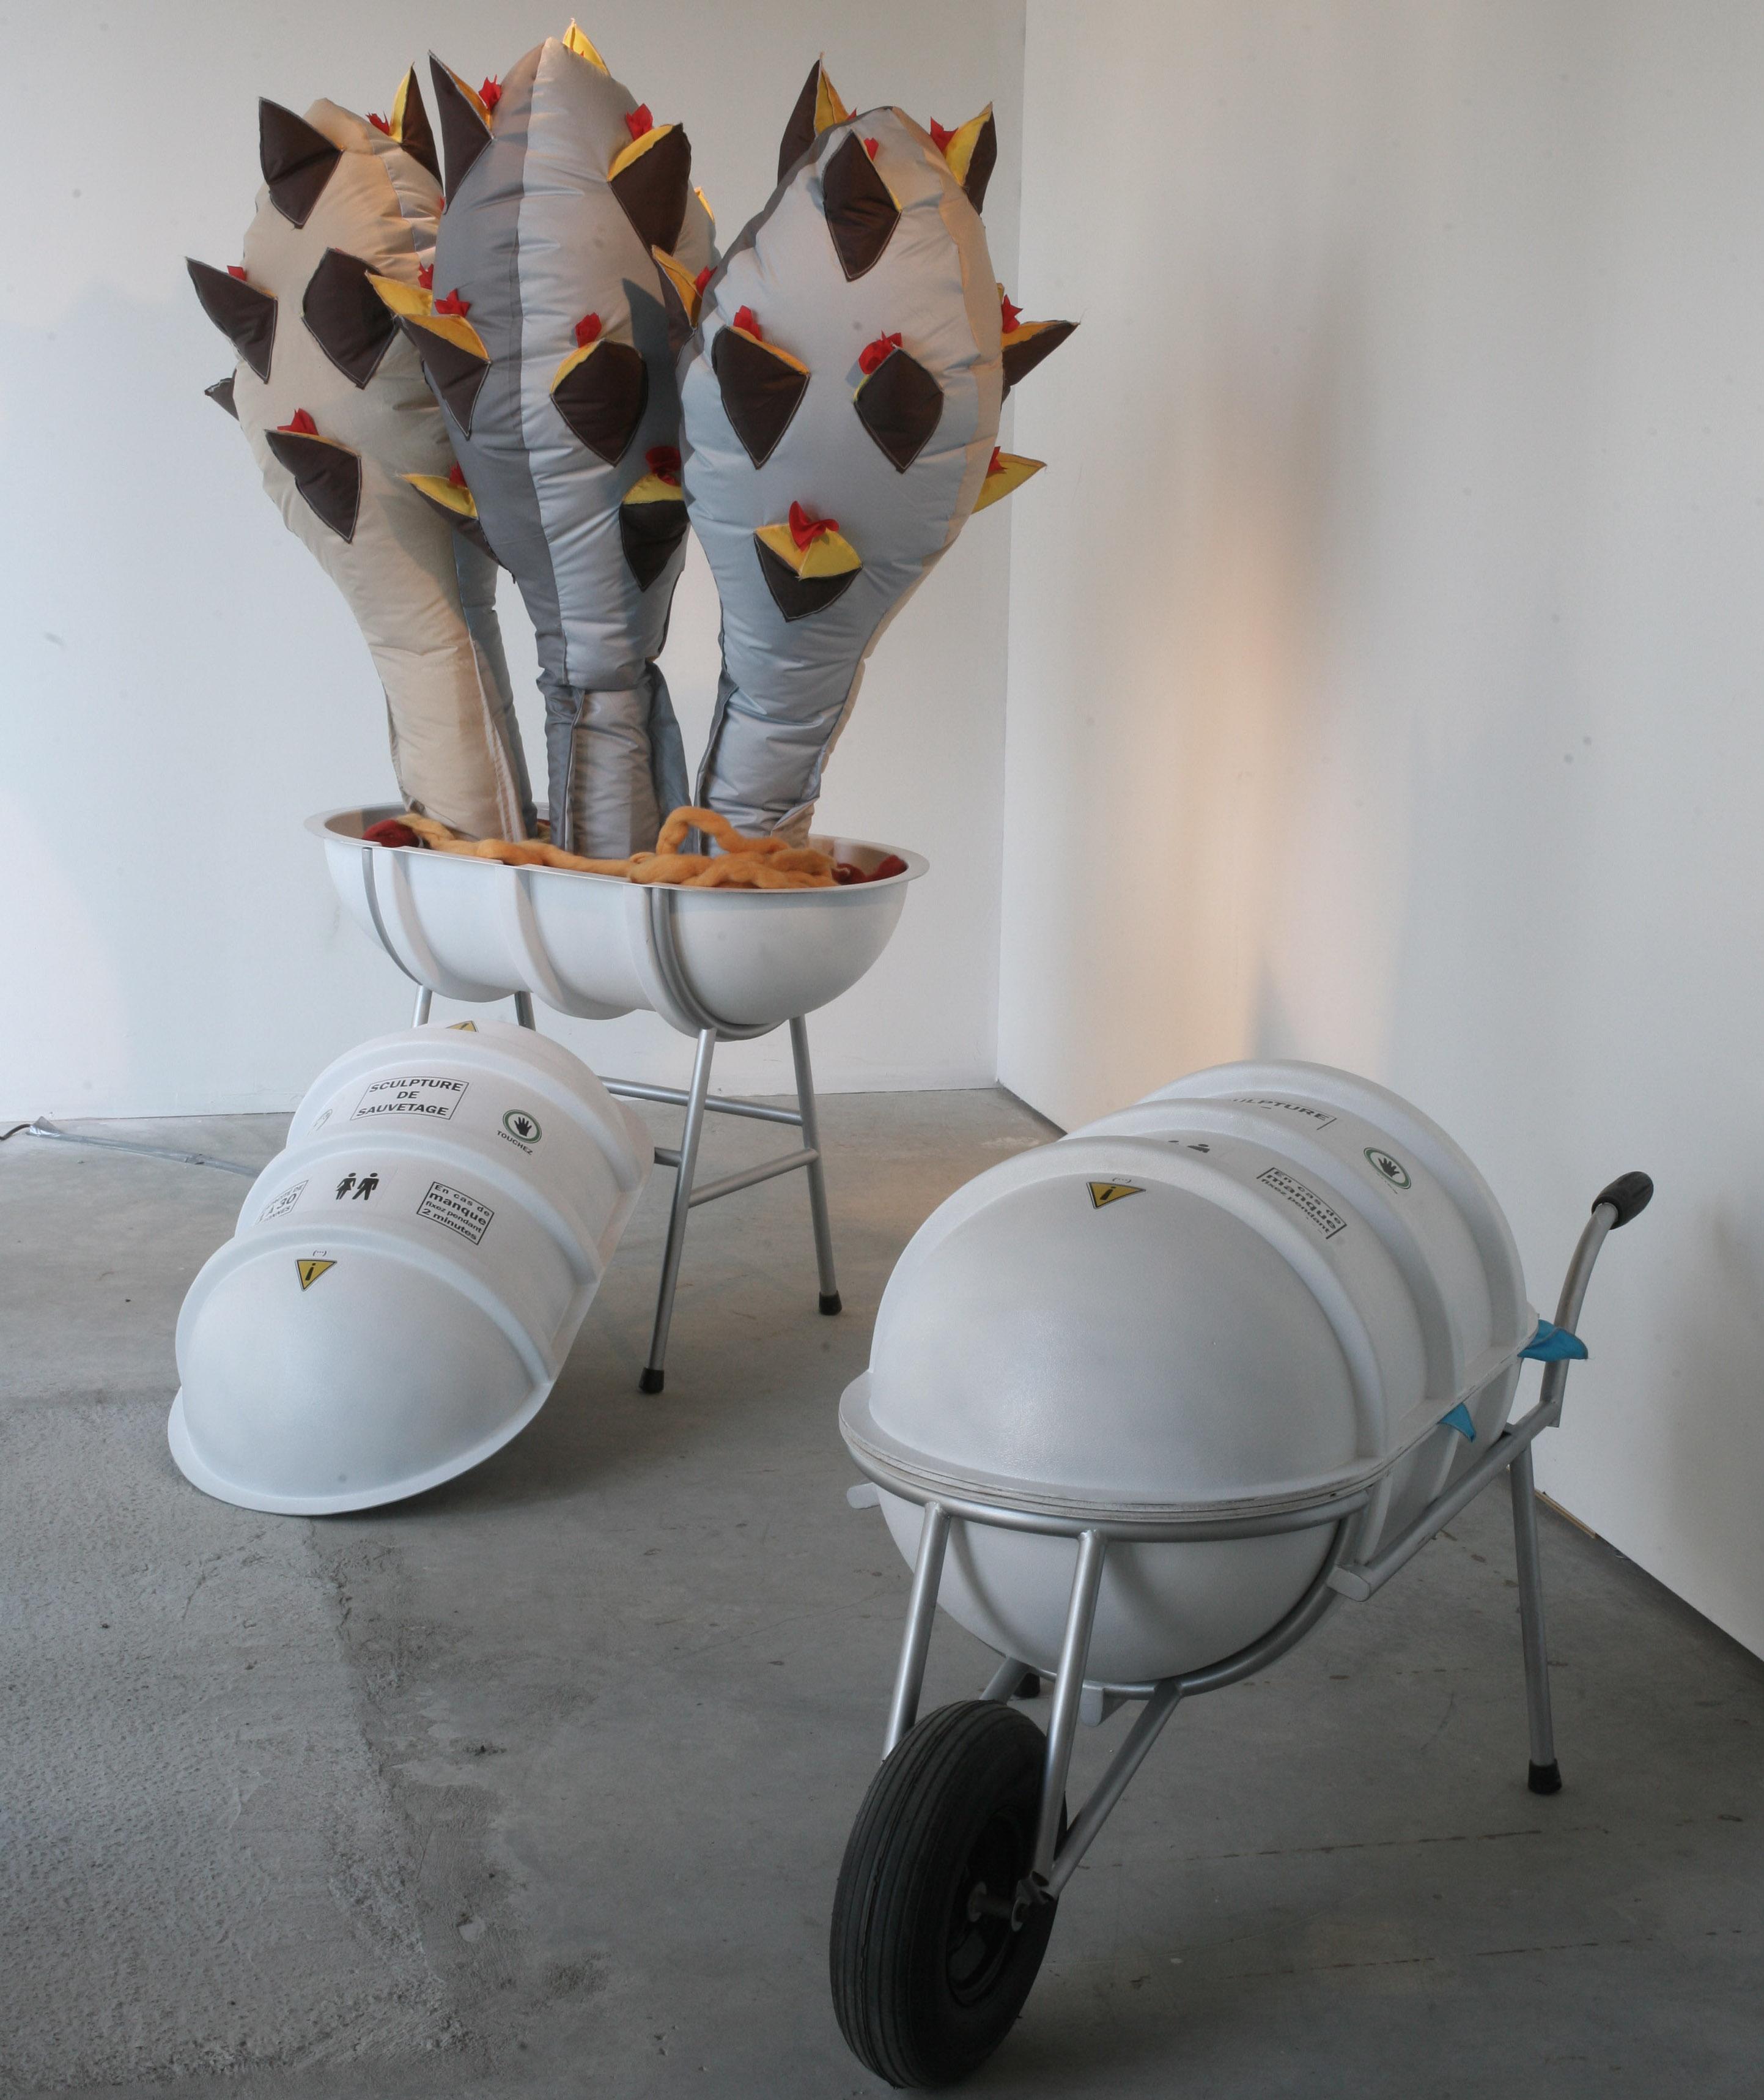 Sculptures de sauvetage